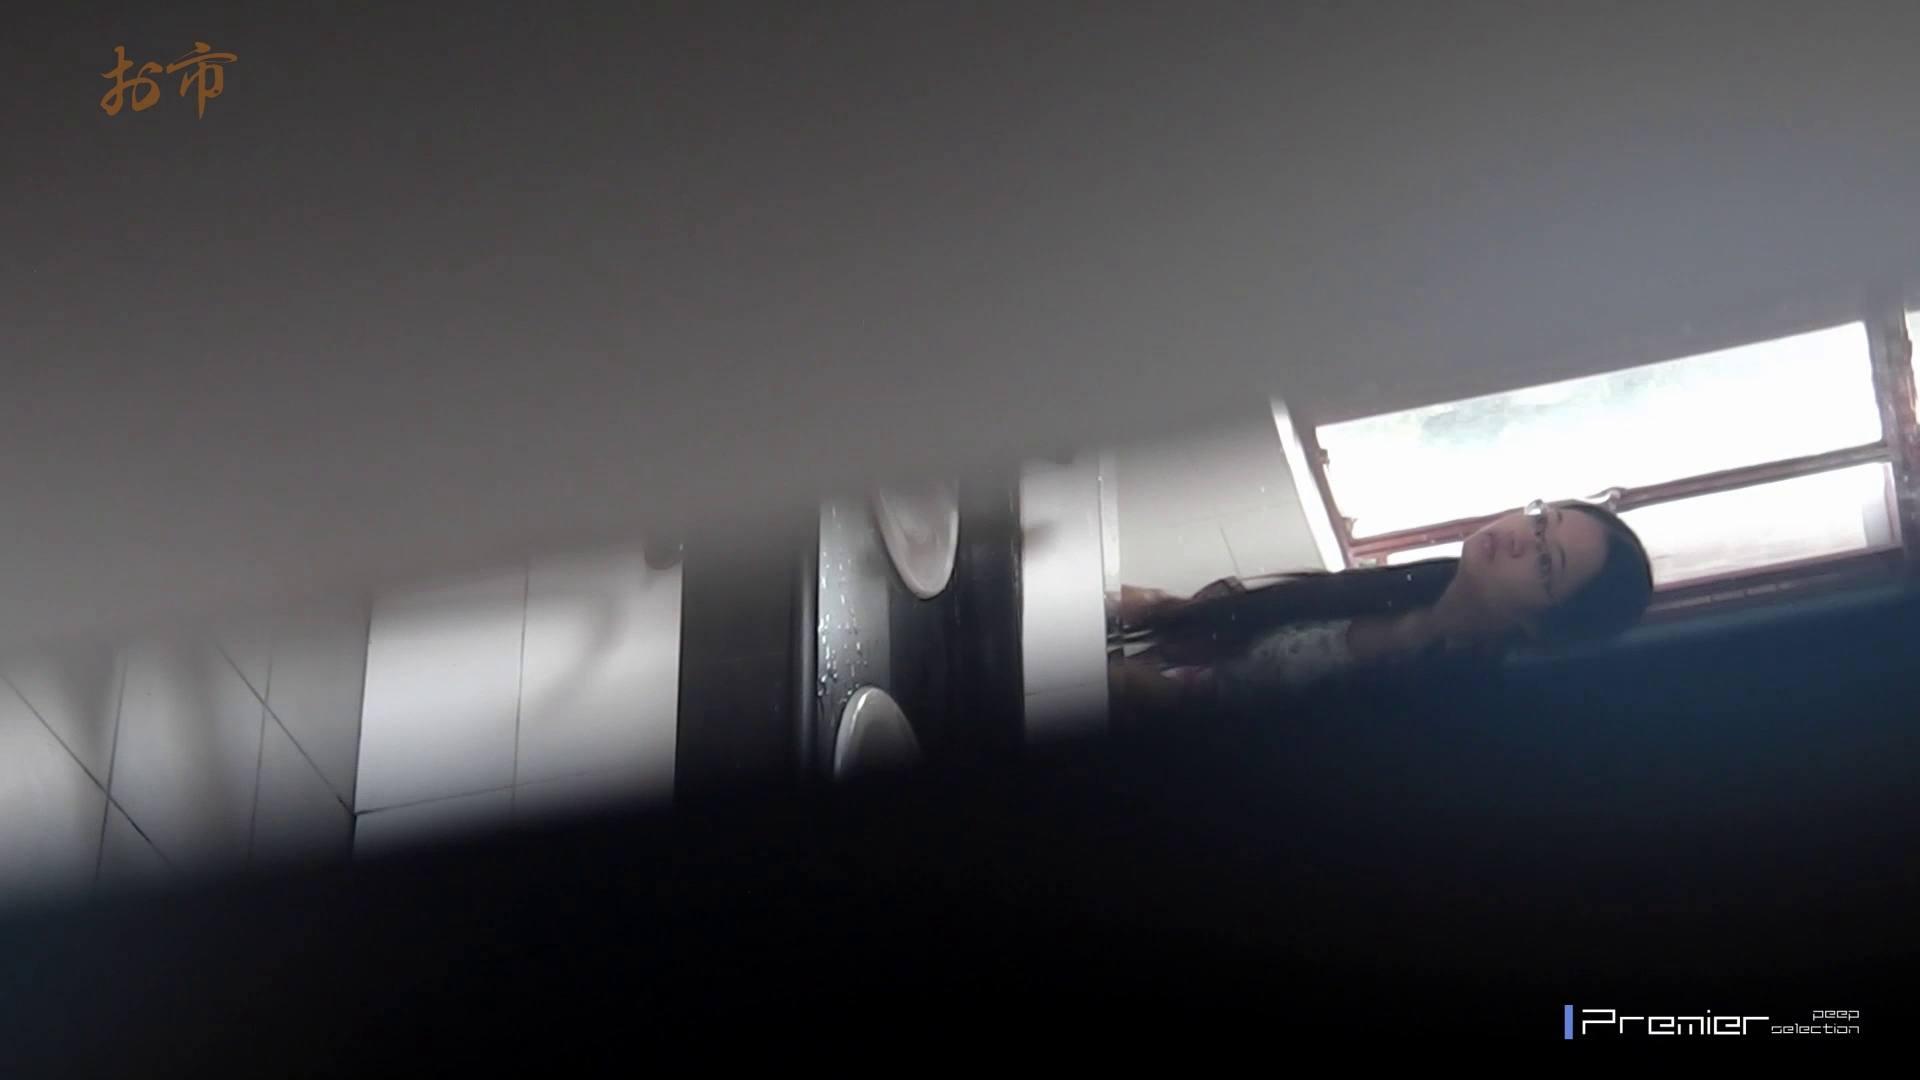 潜入!!台湾名門女学院 Vol.14 ラストコンテンツ!! 盗撮映像大放出   エッチすぎる美女  86連発 1